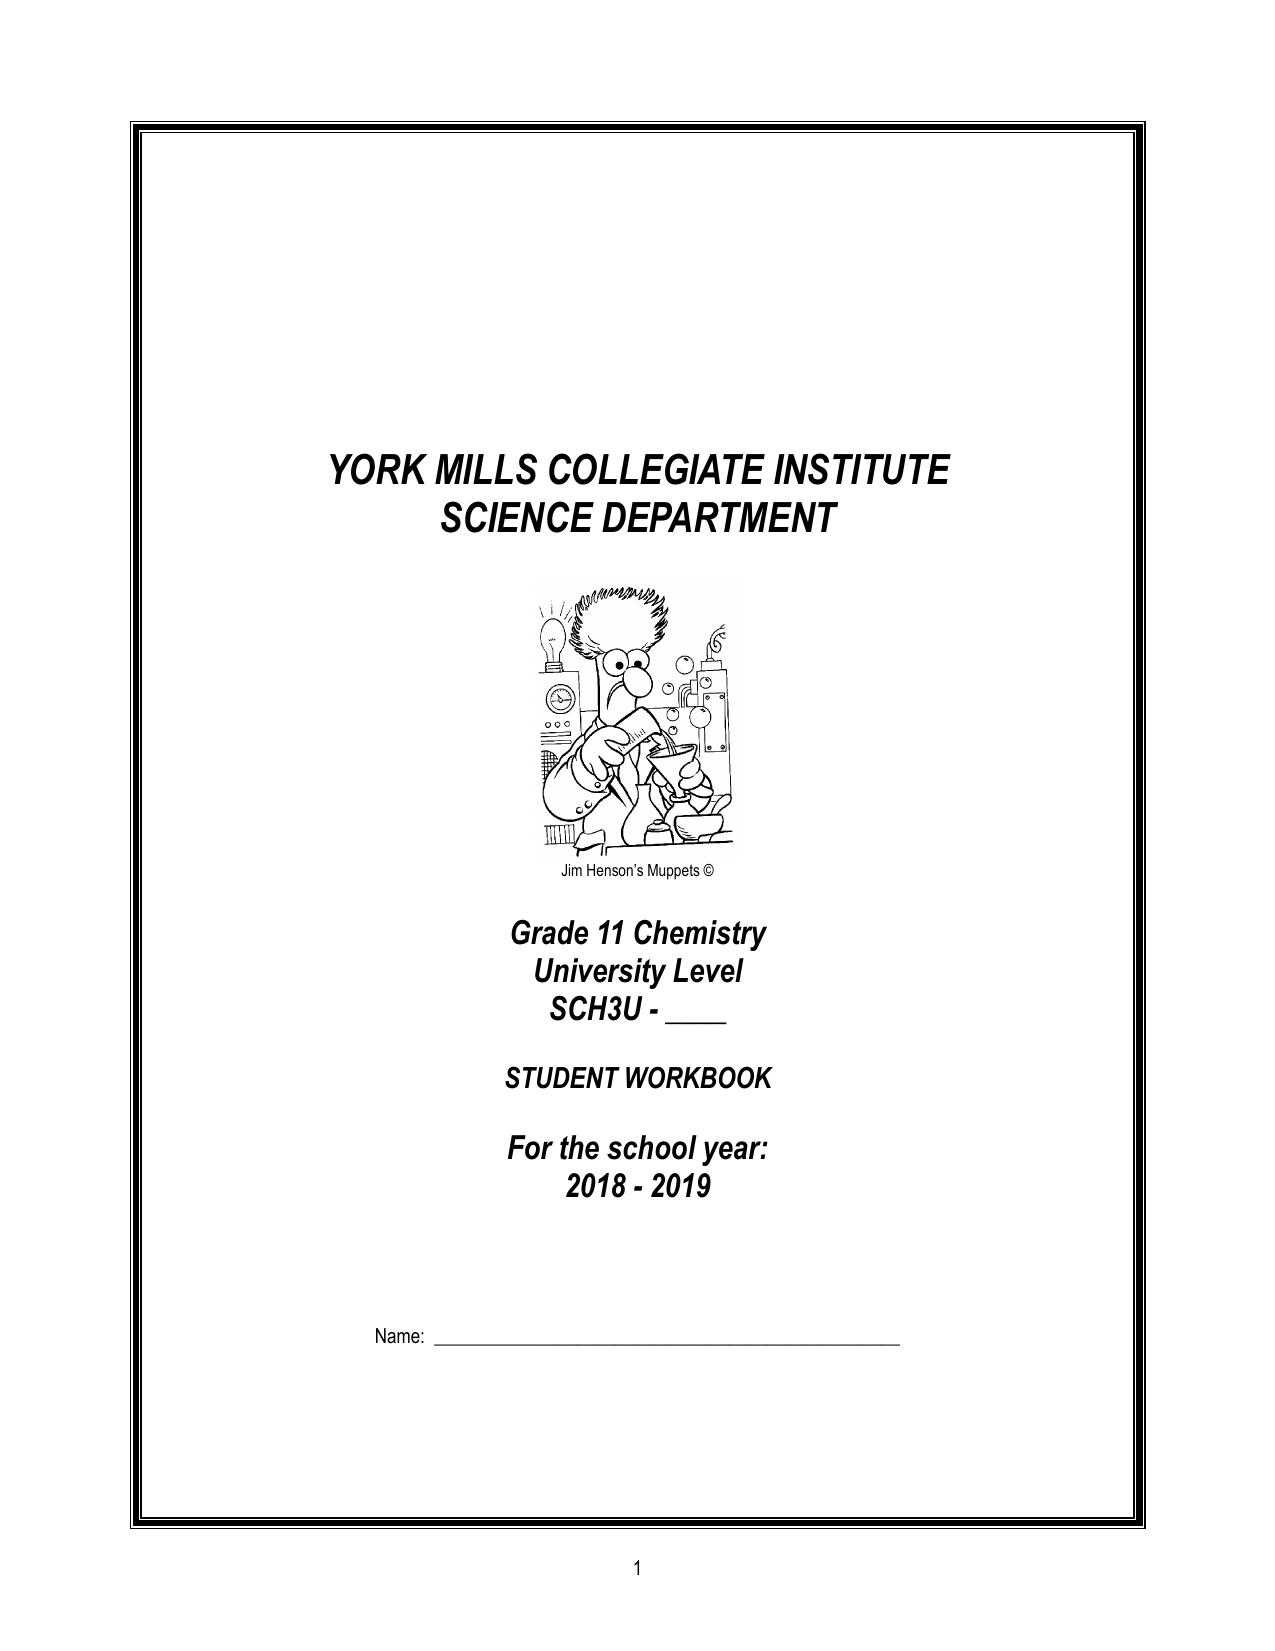 SCH3U Student Workbook 1819